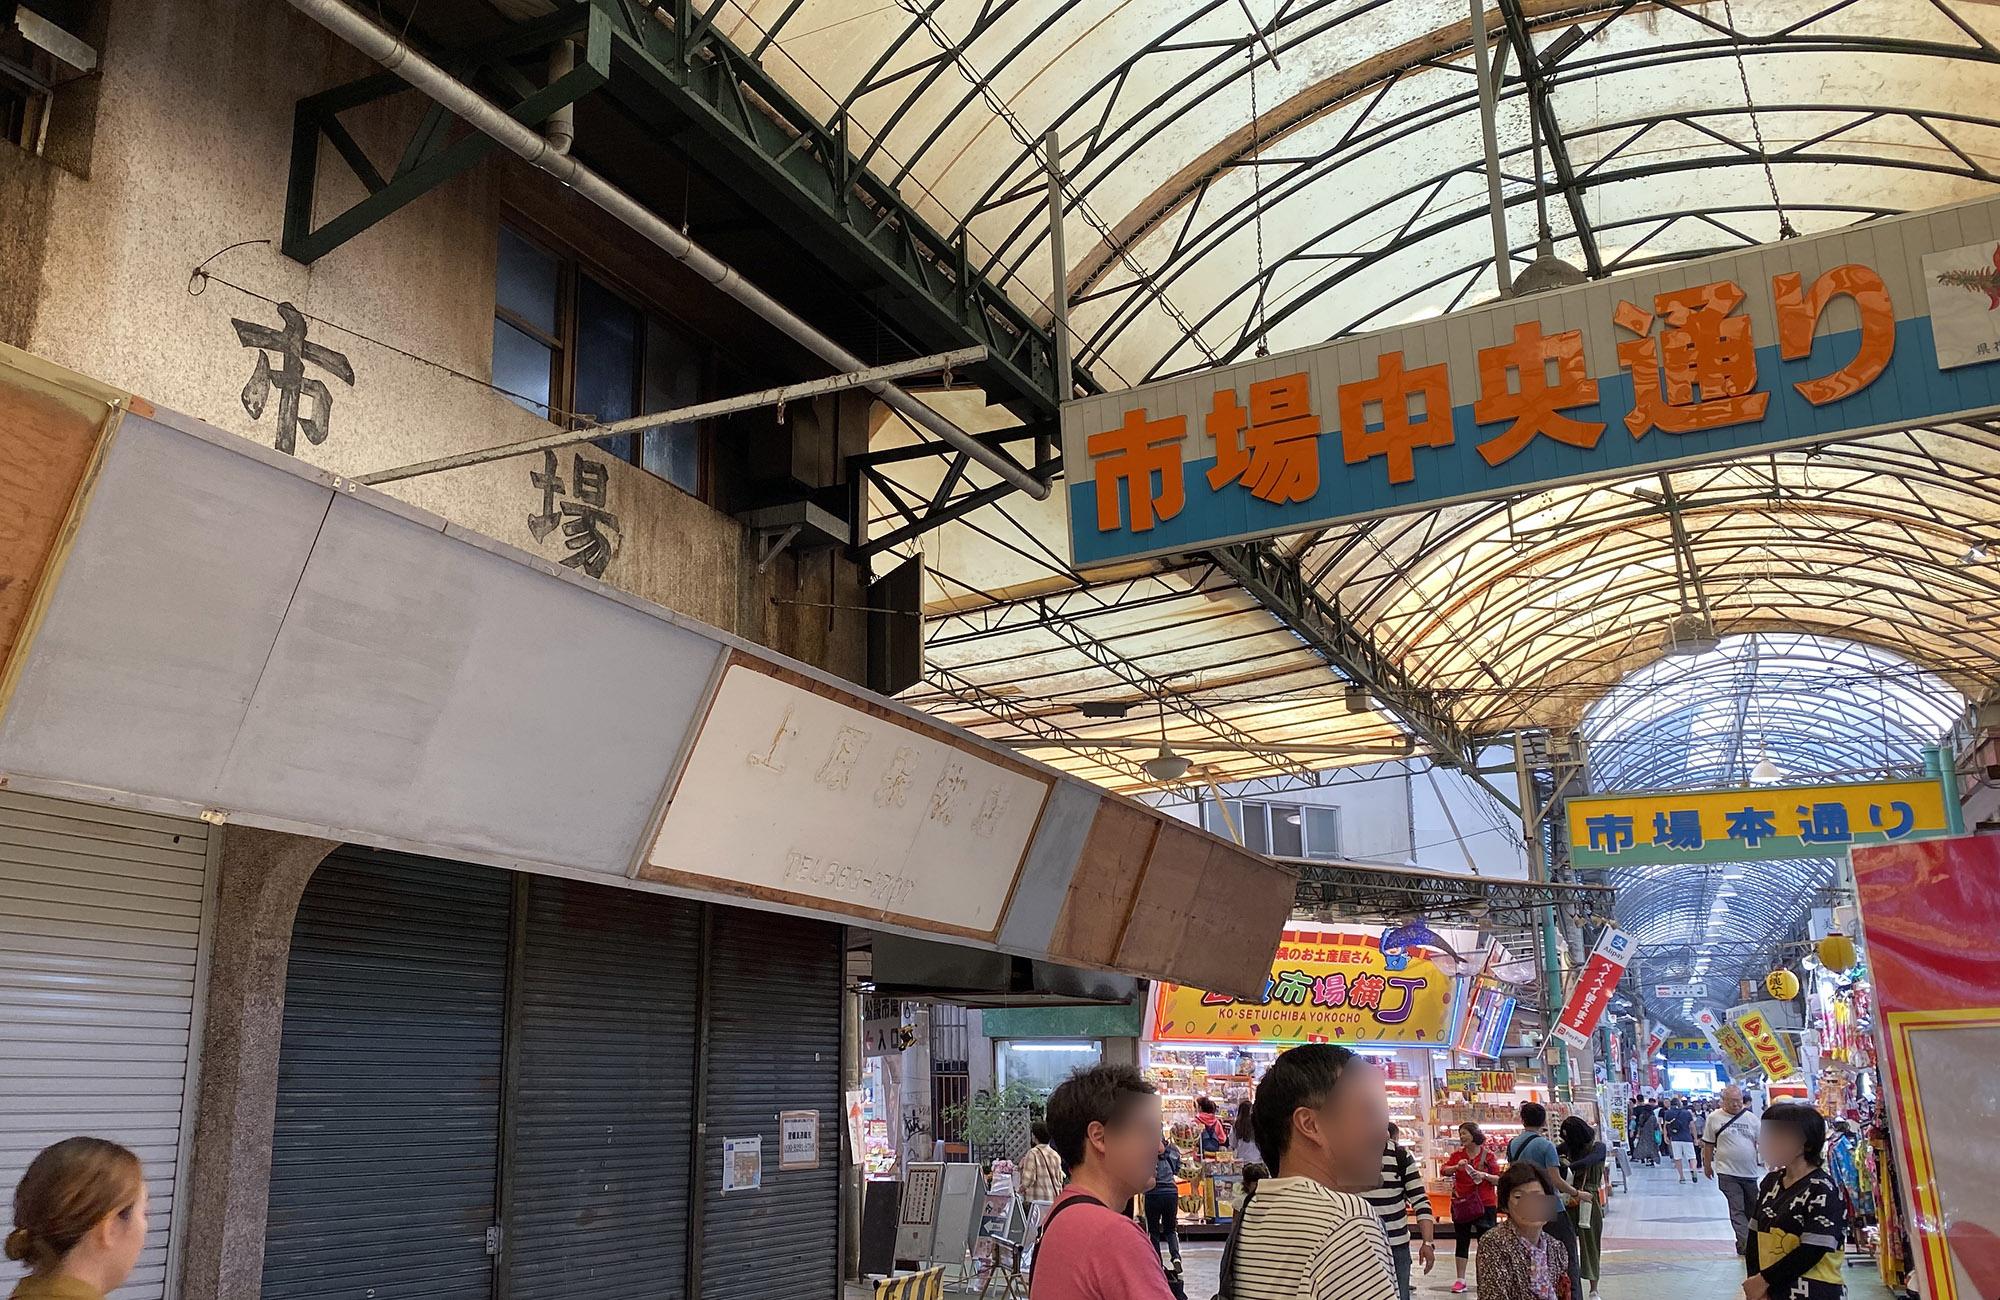 ついにアーケードが撤去された。「那覇市第一牧志公設市場」に面するアーケード付近をまわってみた。|那覇市松尾 市場中央通り 第一アーケード|発見!まちまーい